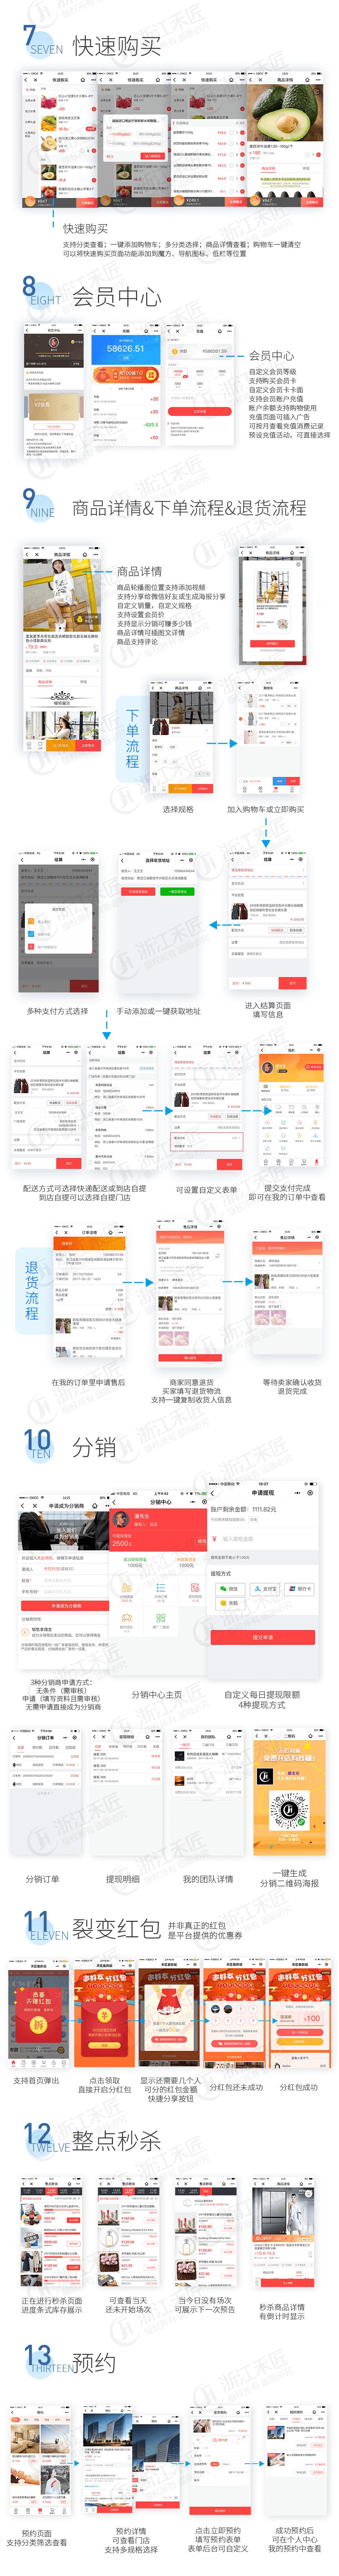 介绍10.18-B (1)(3).png